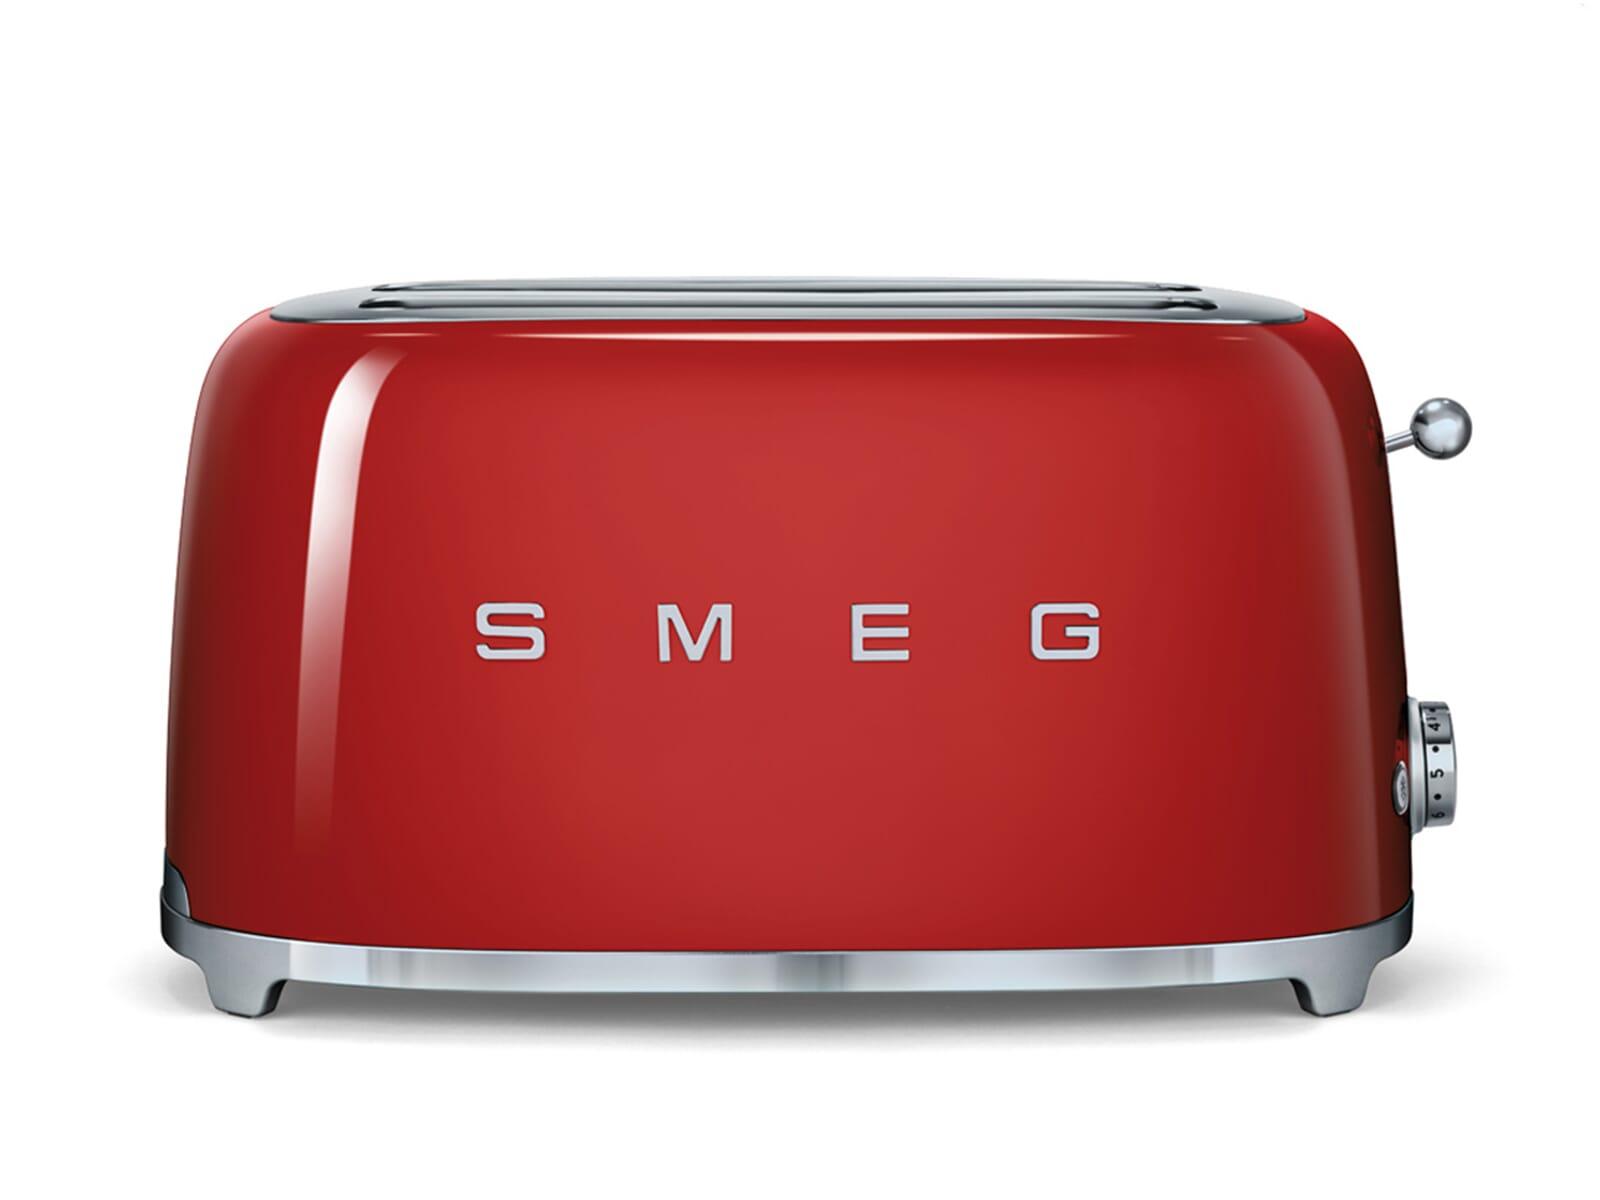 Smeg tsf rdeu scheiben toaster rot